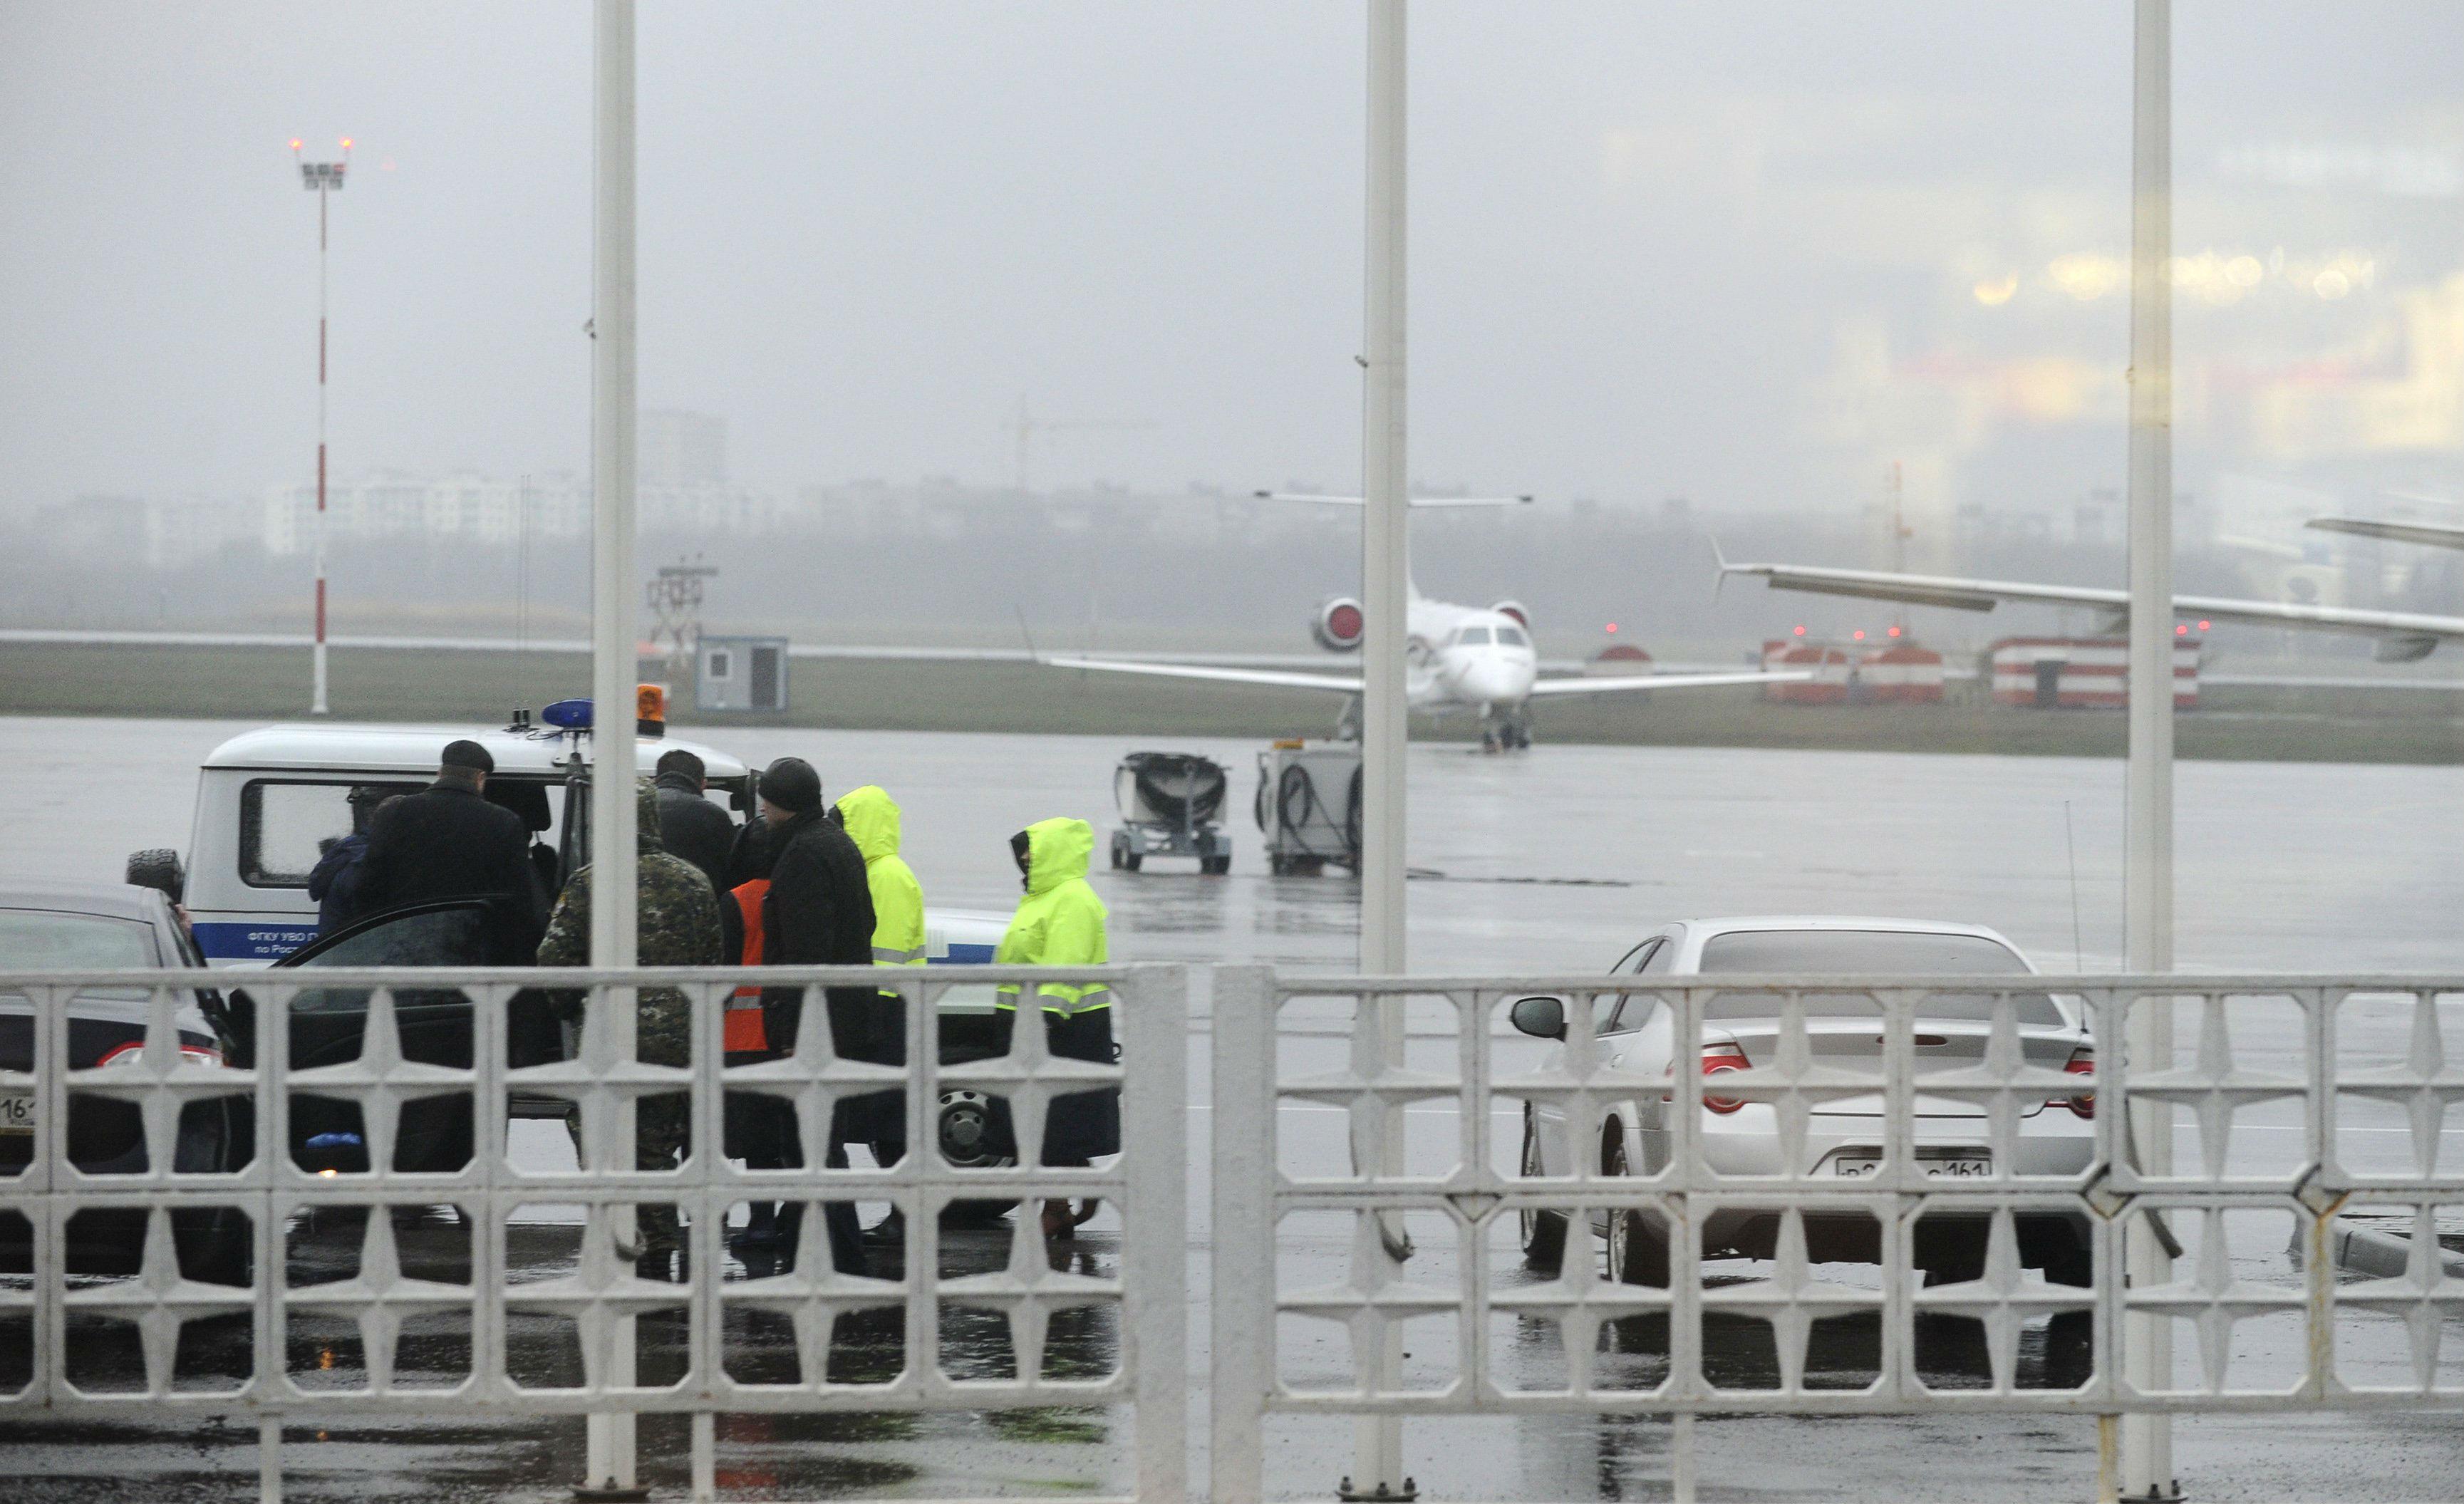 Пассажирский самолет авиакомпании FlyDubai упал в 50–100 метрах от взлетно-посадочной полосы. Фото: REUTERS